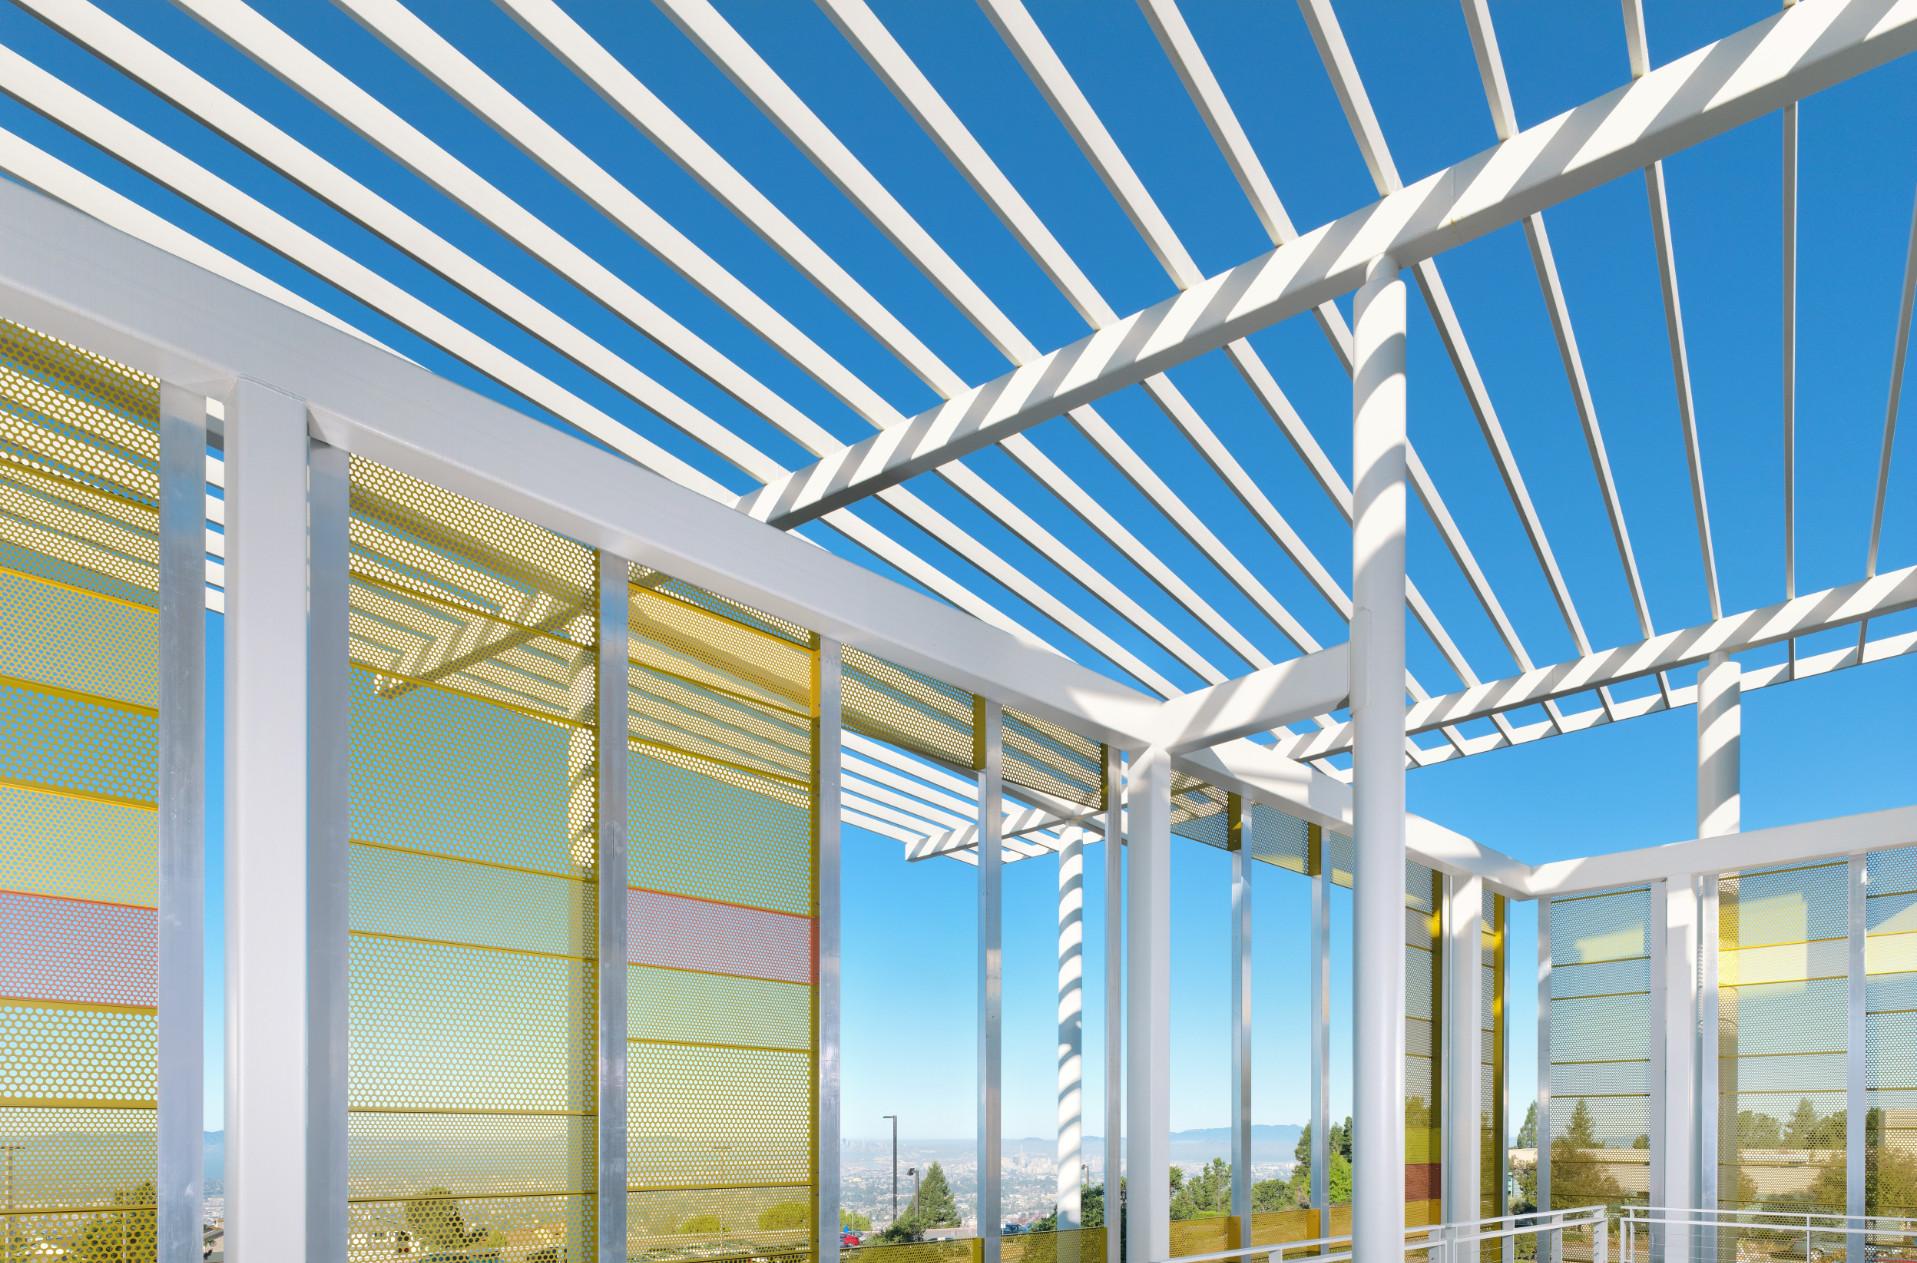 Flad Architects Syngenta RTP Innovation Center